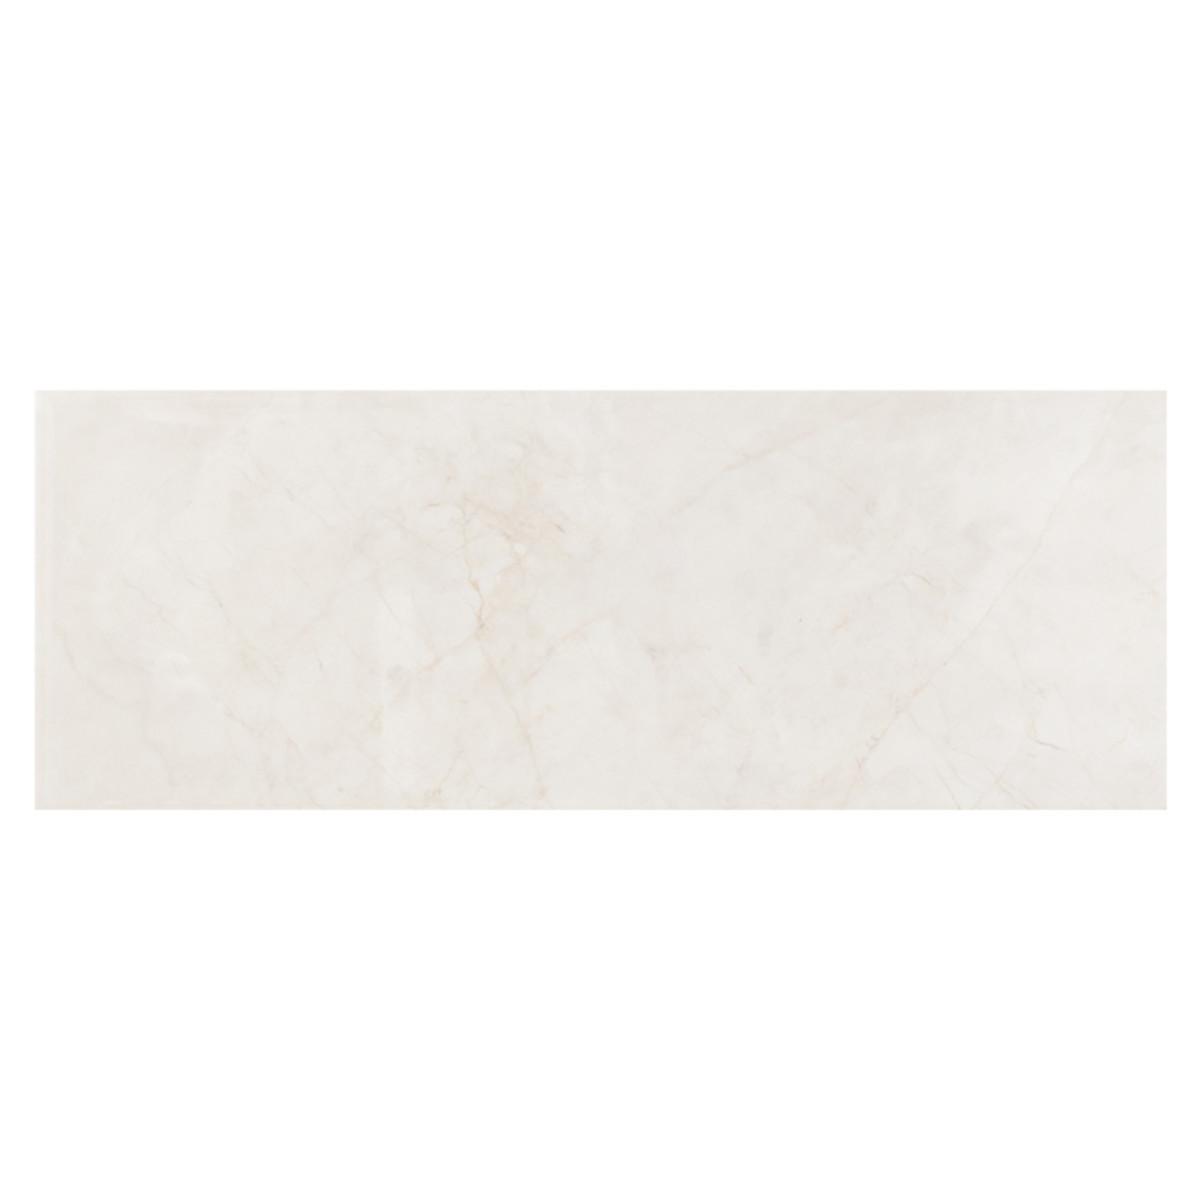 Плитка настенная Льюис цвет бежевый 15х40 см 132 м2